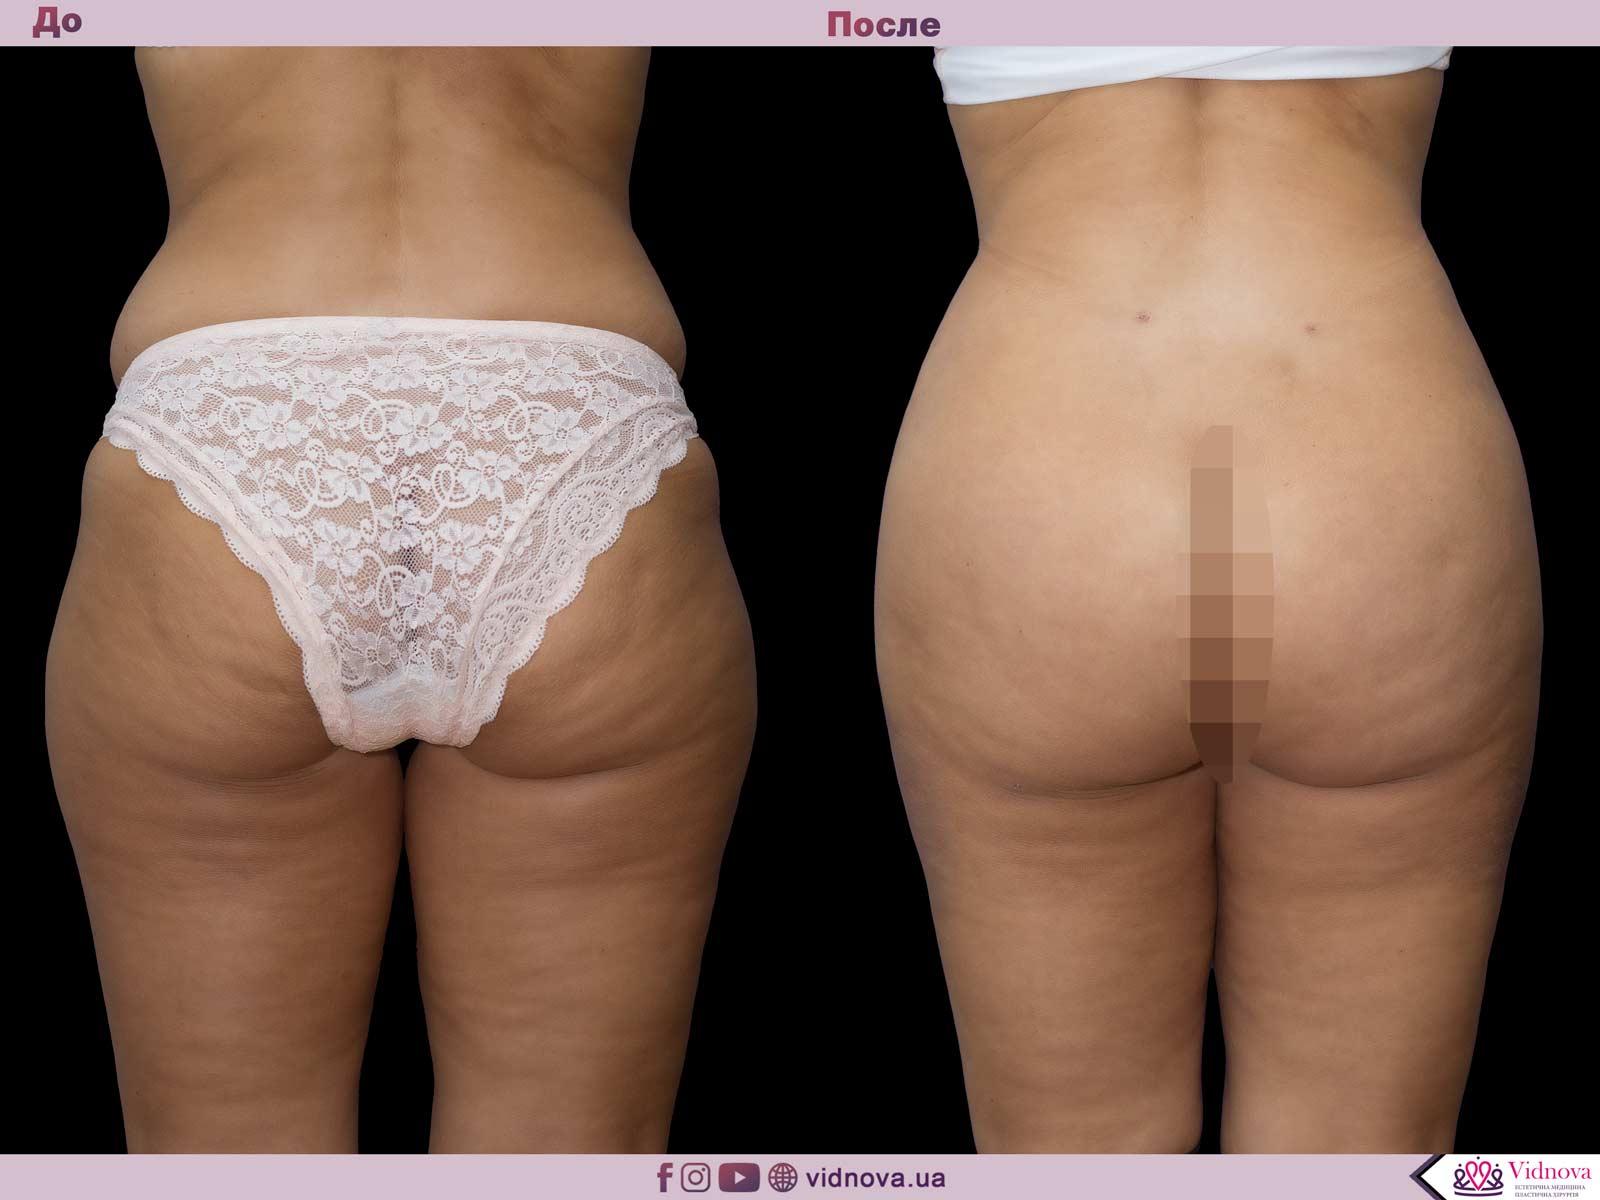 Липоскульптурирование: Фото До и После - Пример №3-2 - Клиника Vidnova